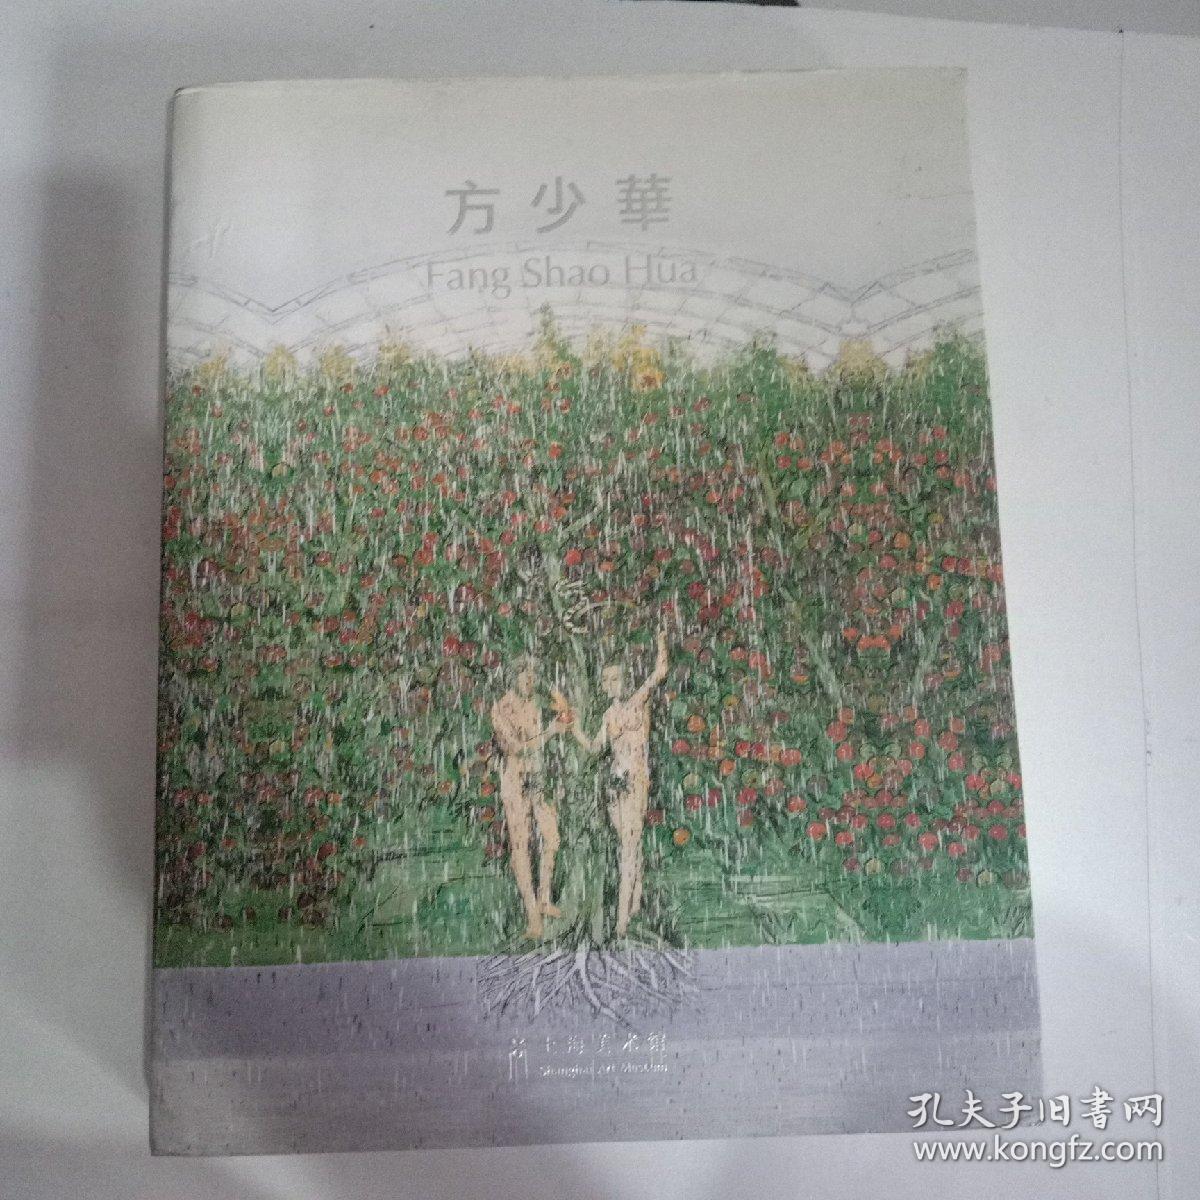 方少华-伊甸园寻找无公害的苹果【468】